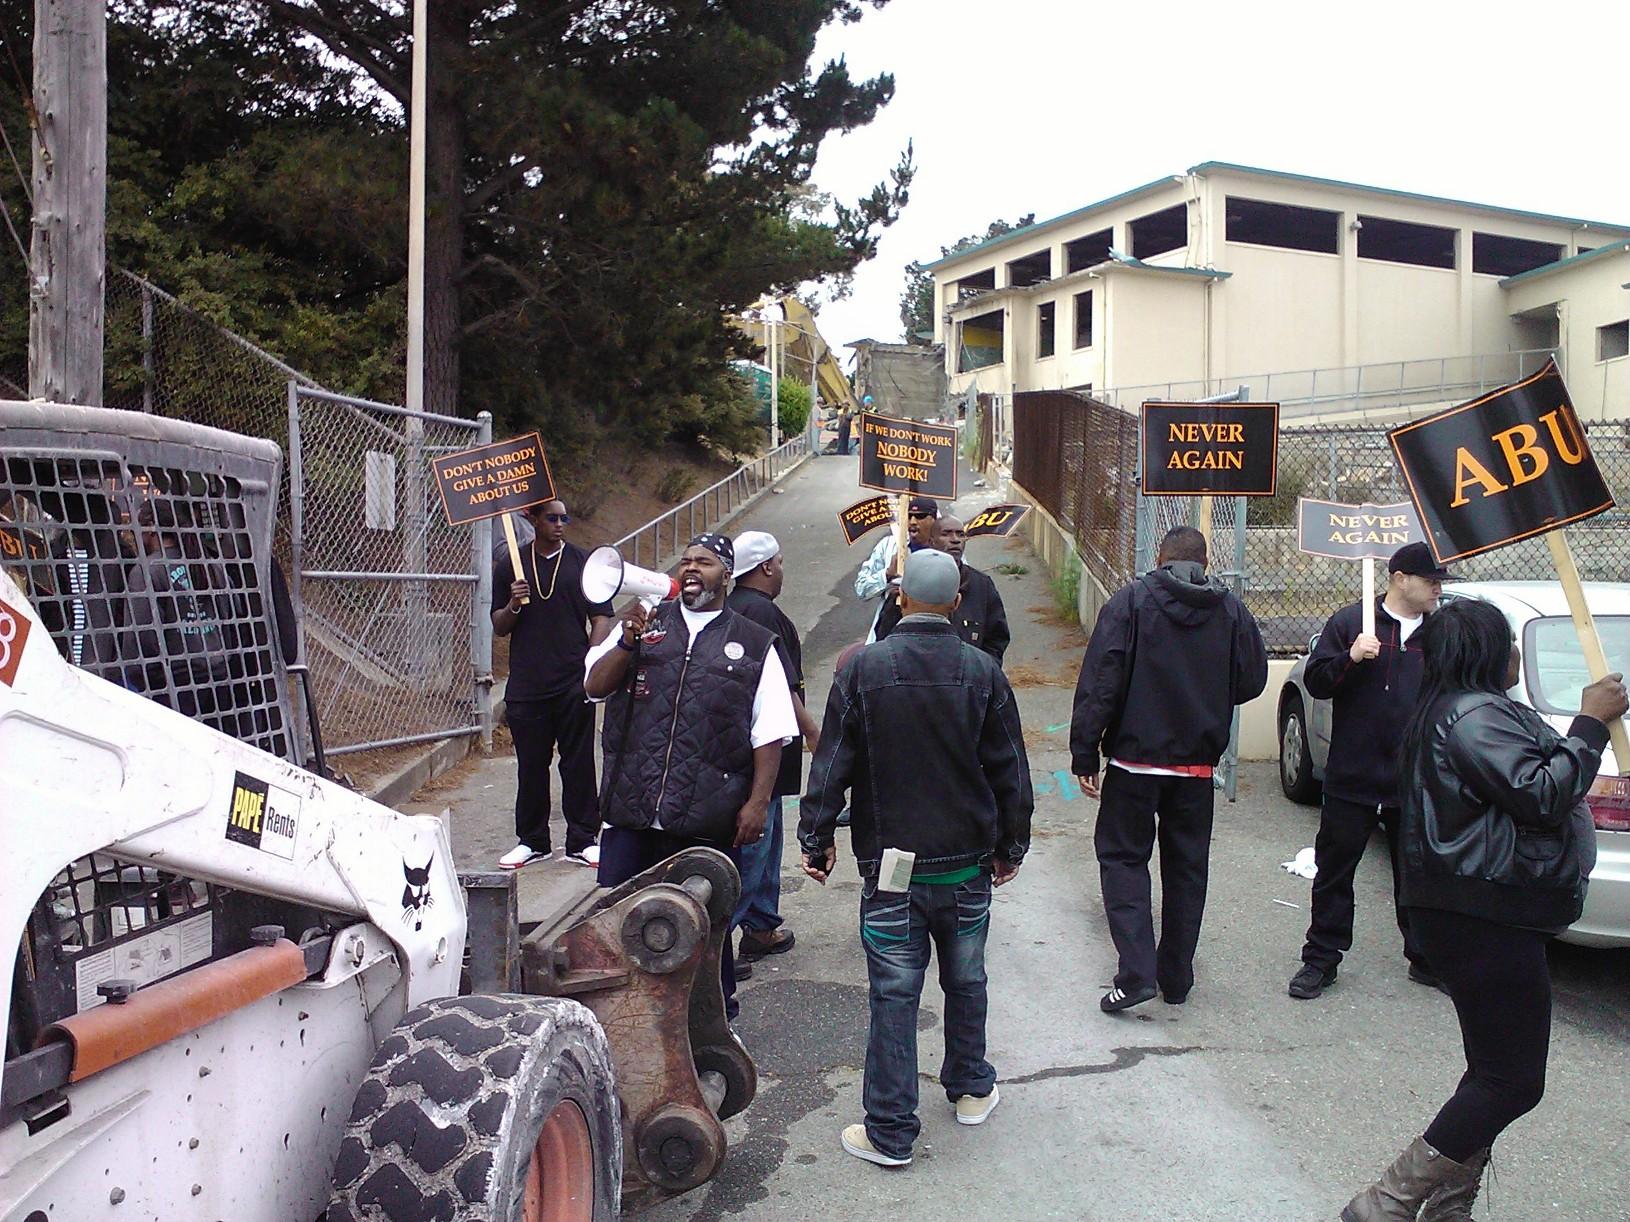 ABU protest Willie Brown Academy 082112 courtesy ABU